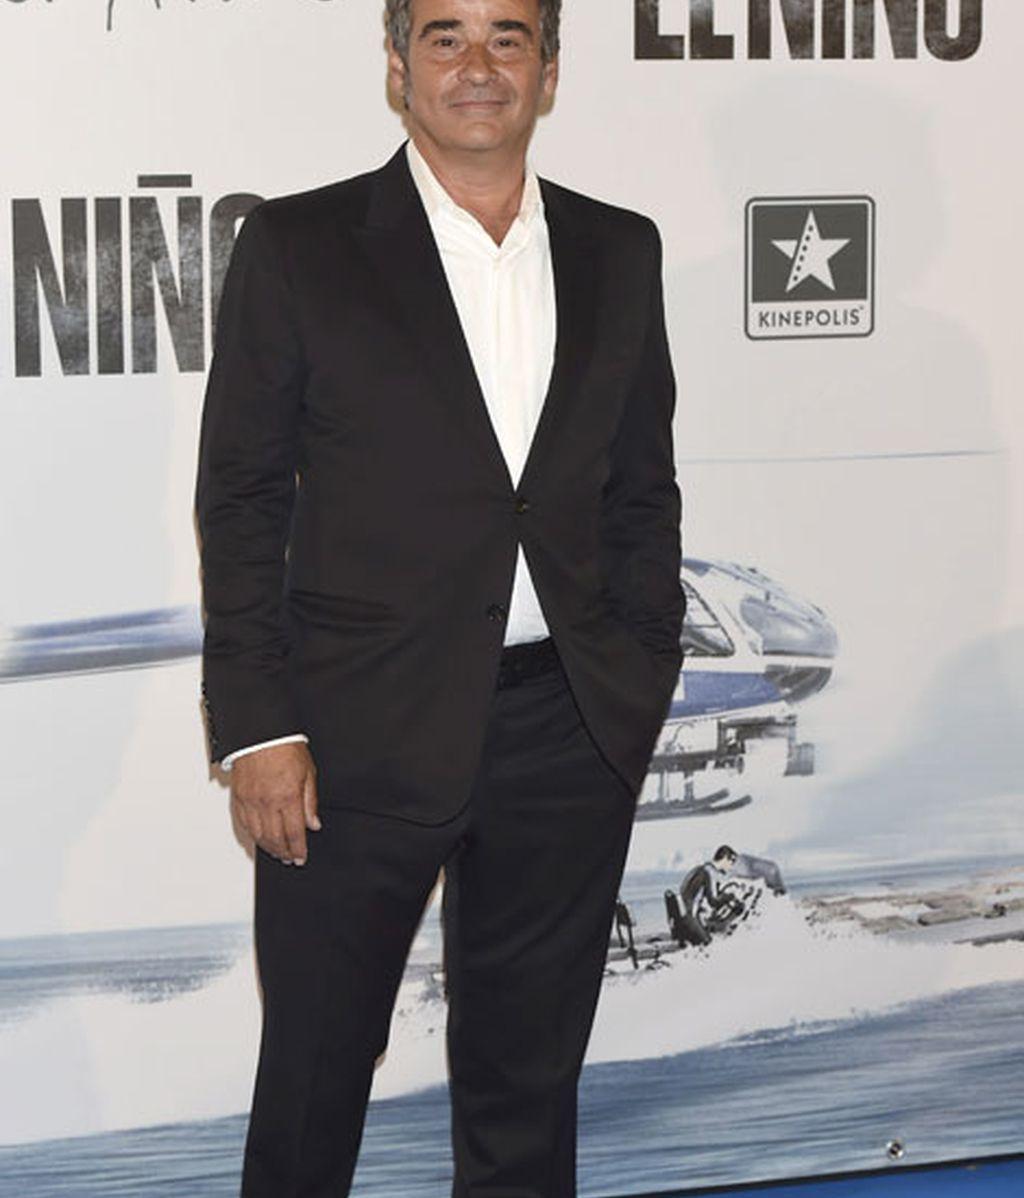 El actor Eduard Fernández también vestido de negro y camisa blanca